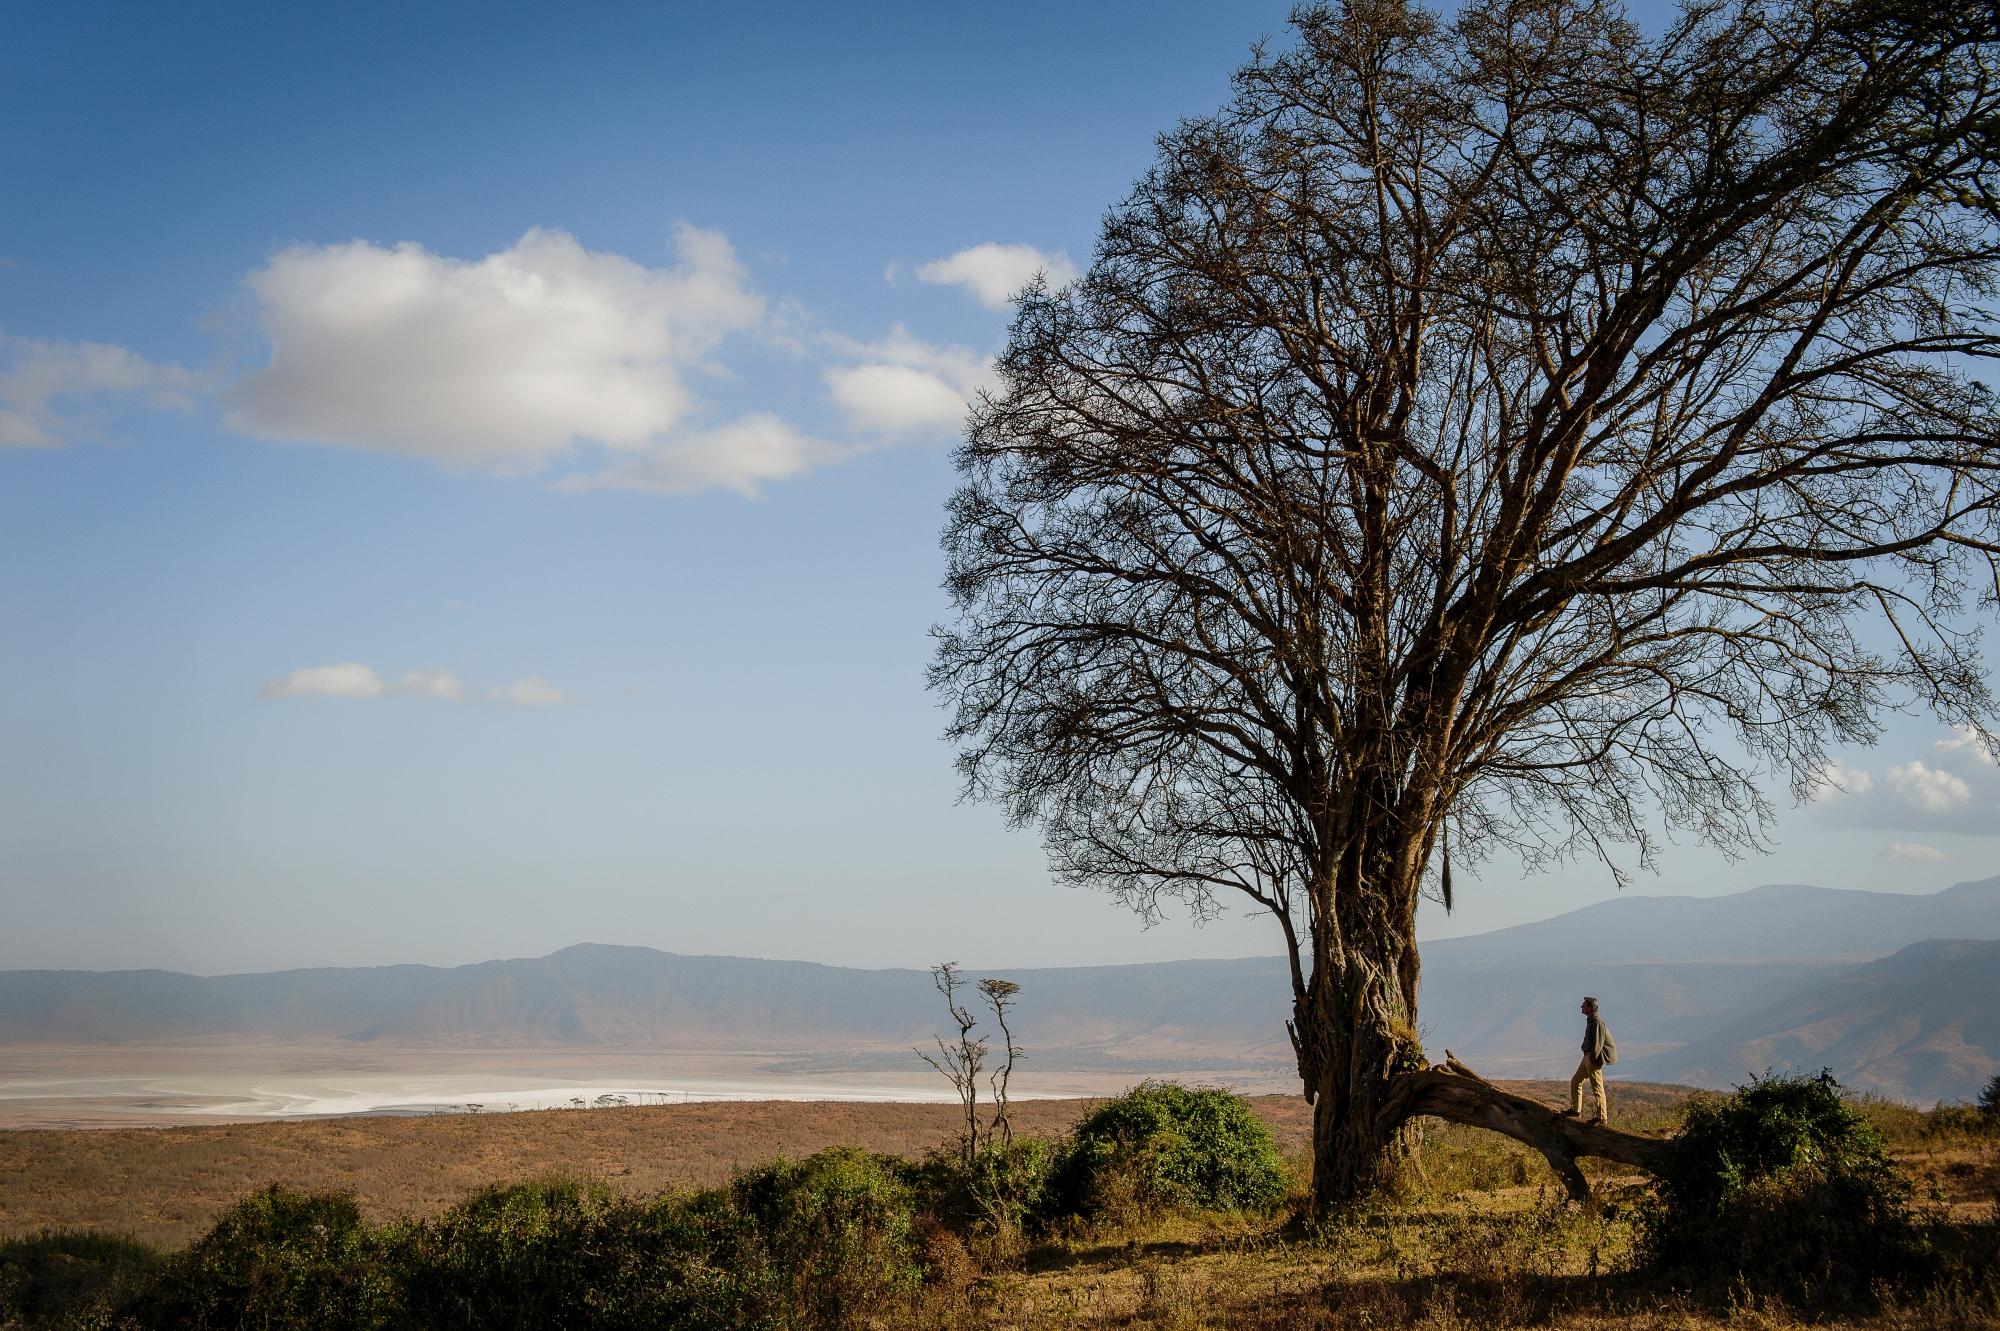 Ngorongoro Crater - Ang'ata Serengeti